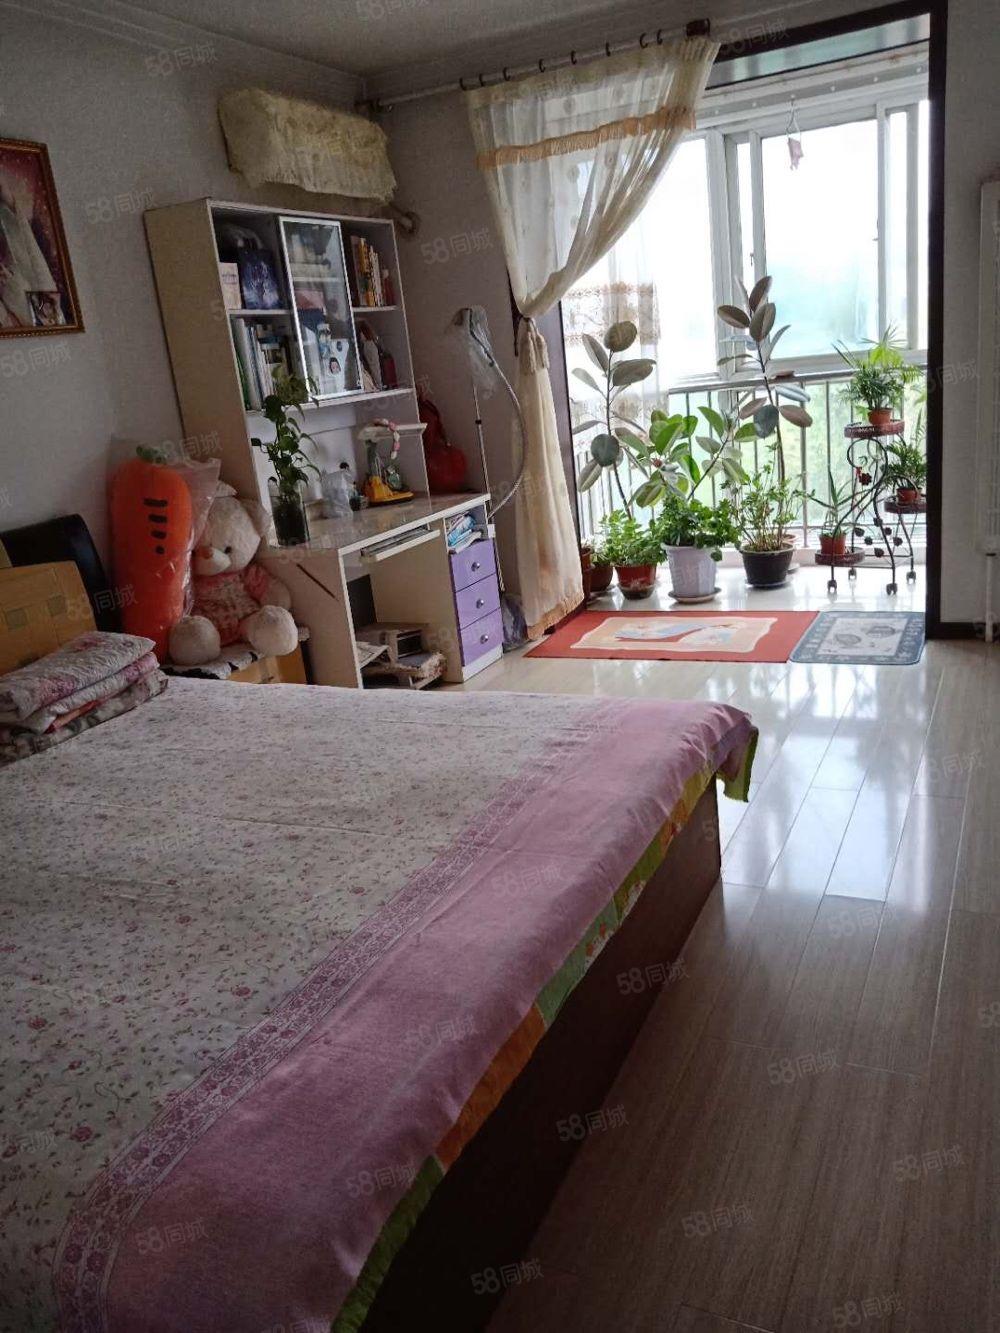 瑞安花園四層,兩室兩廳93平米,南北通,拎包入住